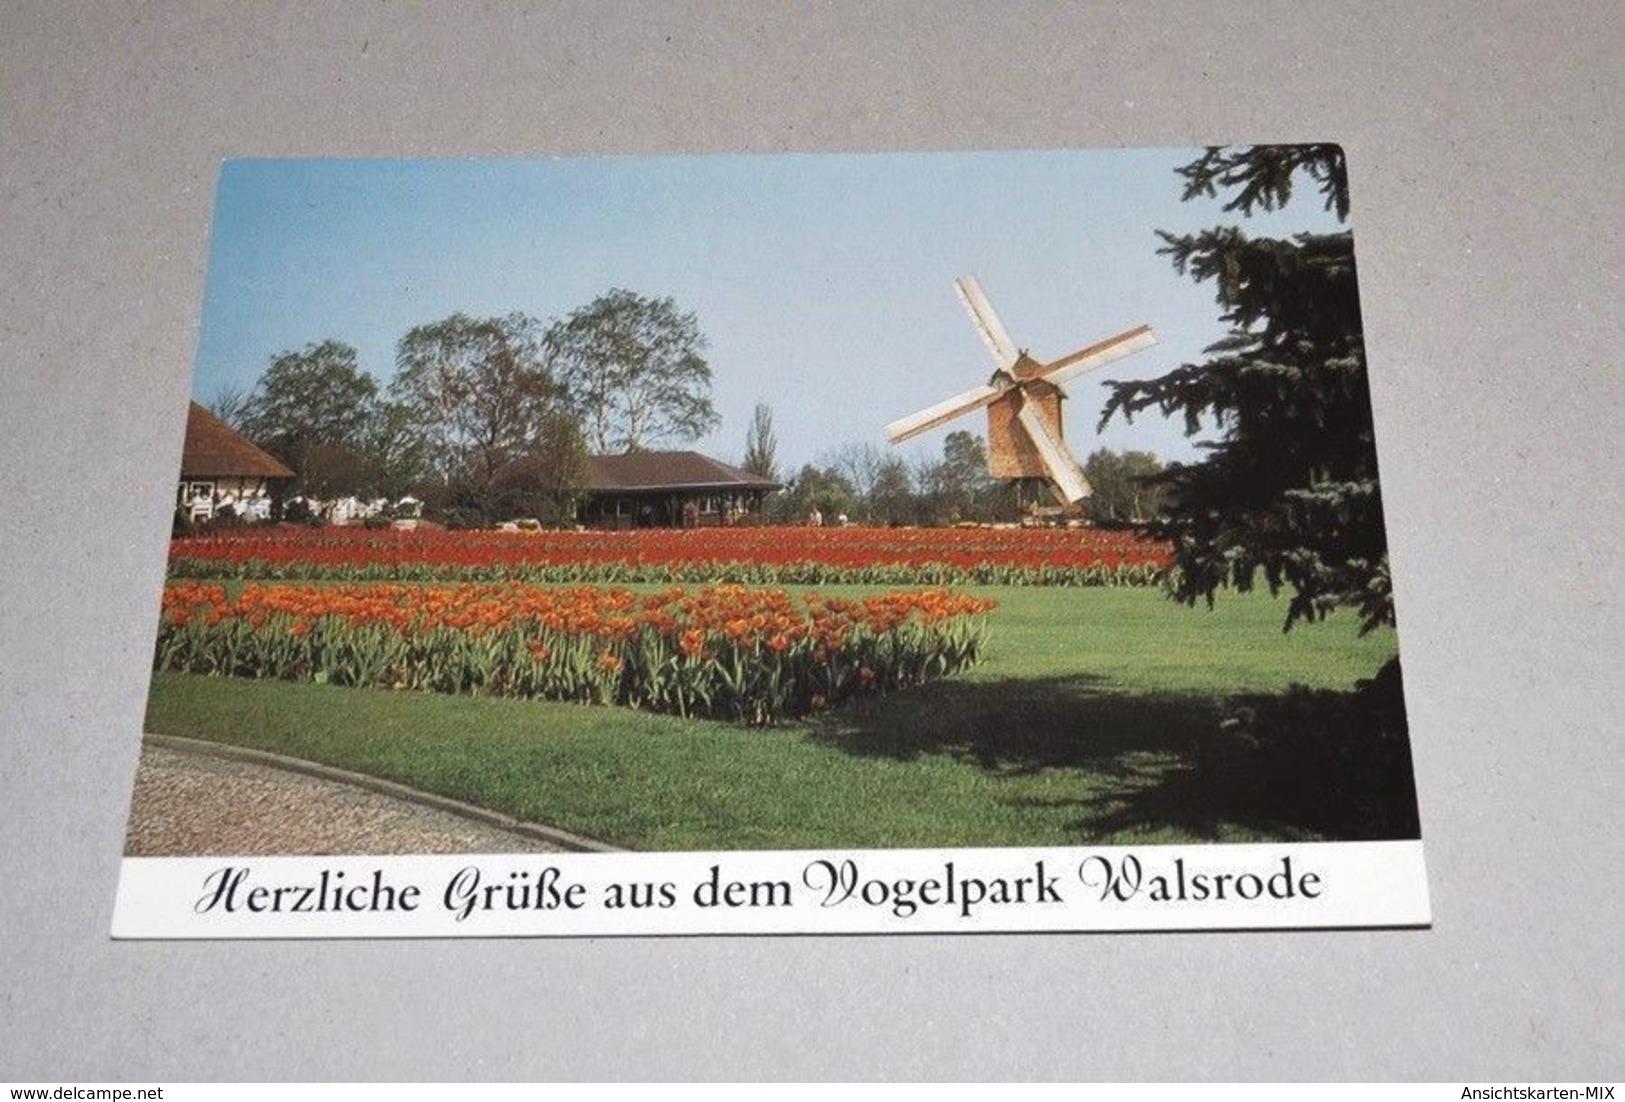 Ansichtskarte Vogelpark Walsrode-ungelaufen-Nr-25837-41 - Deutschland